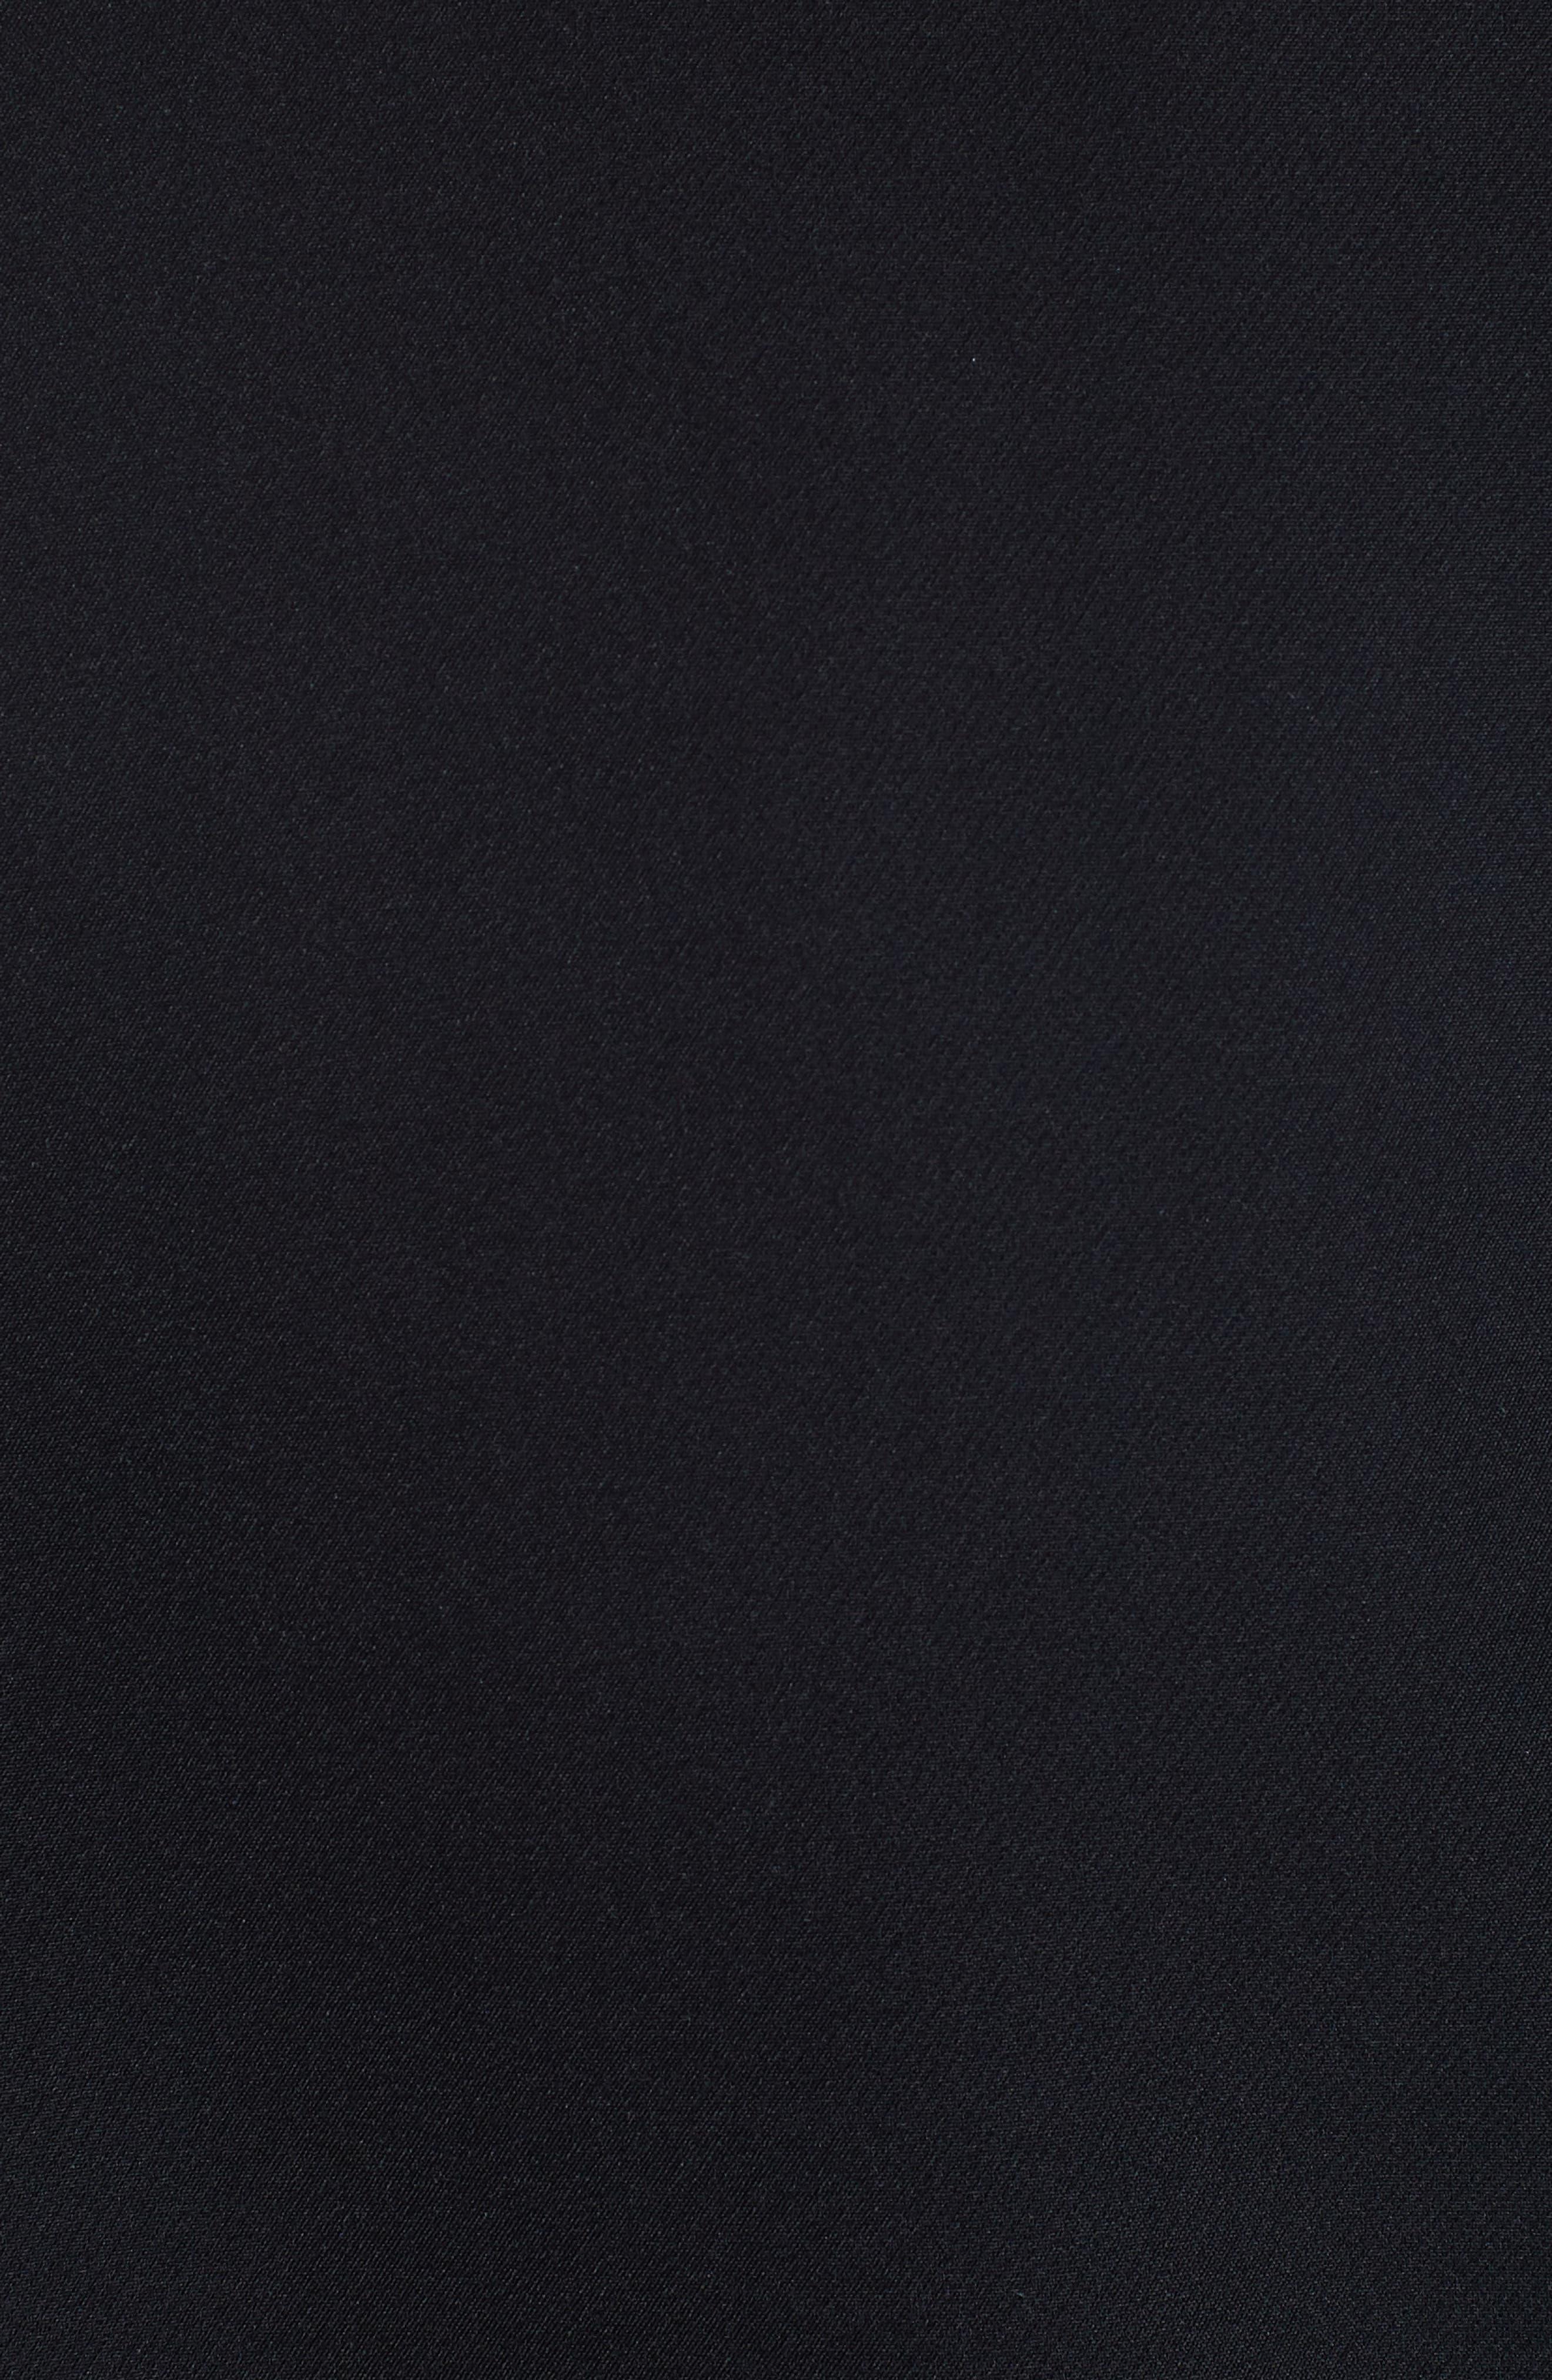 Liela Sheer Lace Panel Jacket,                             Alternate thumbnail 5, color,                             Black